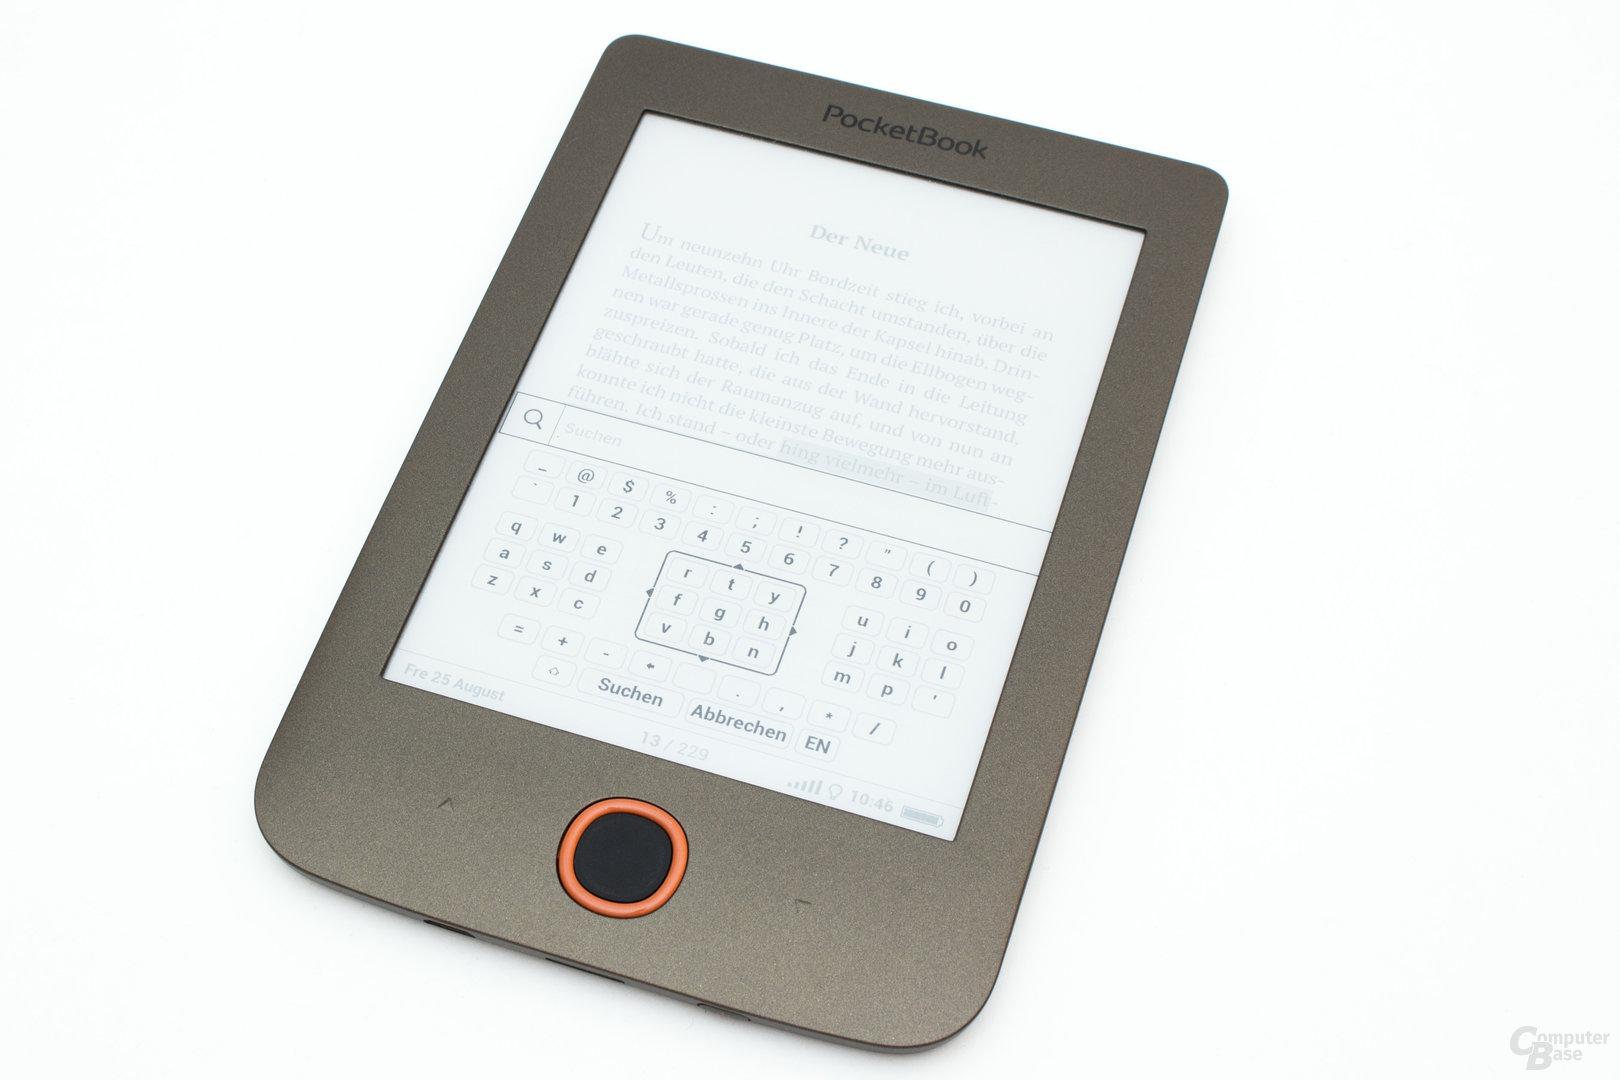 Die Tastatur als einen der Schwachpunkte beim PocketBook Basic Lux